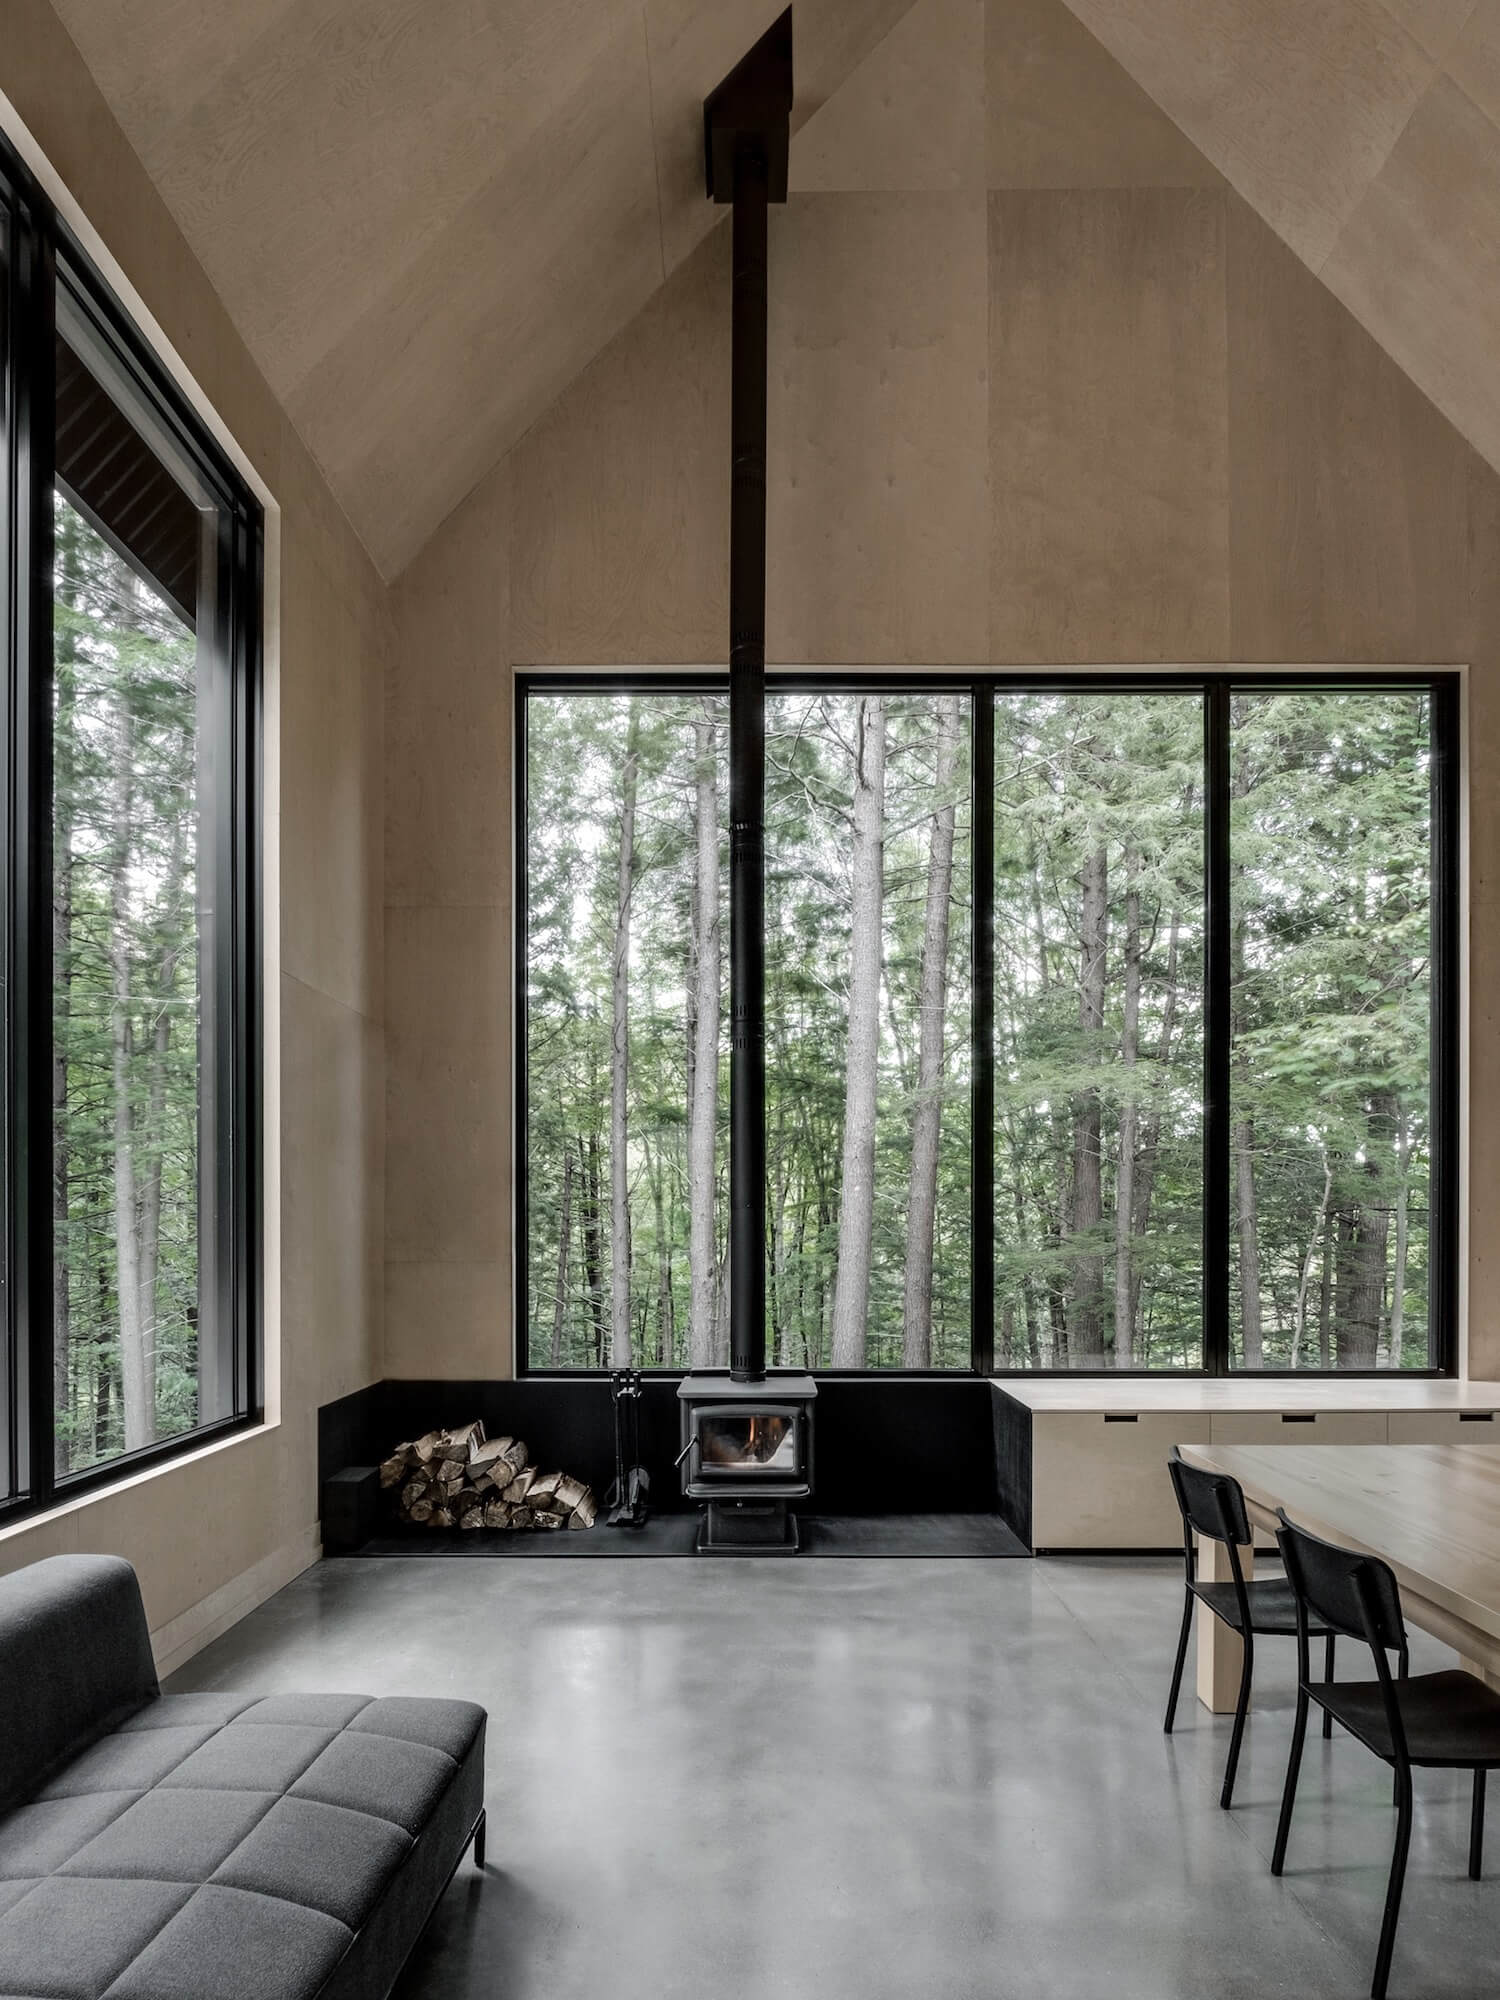 est living Grand Pic Chalet Appareil Architecture 18